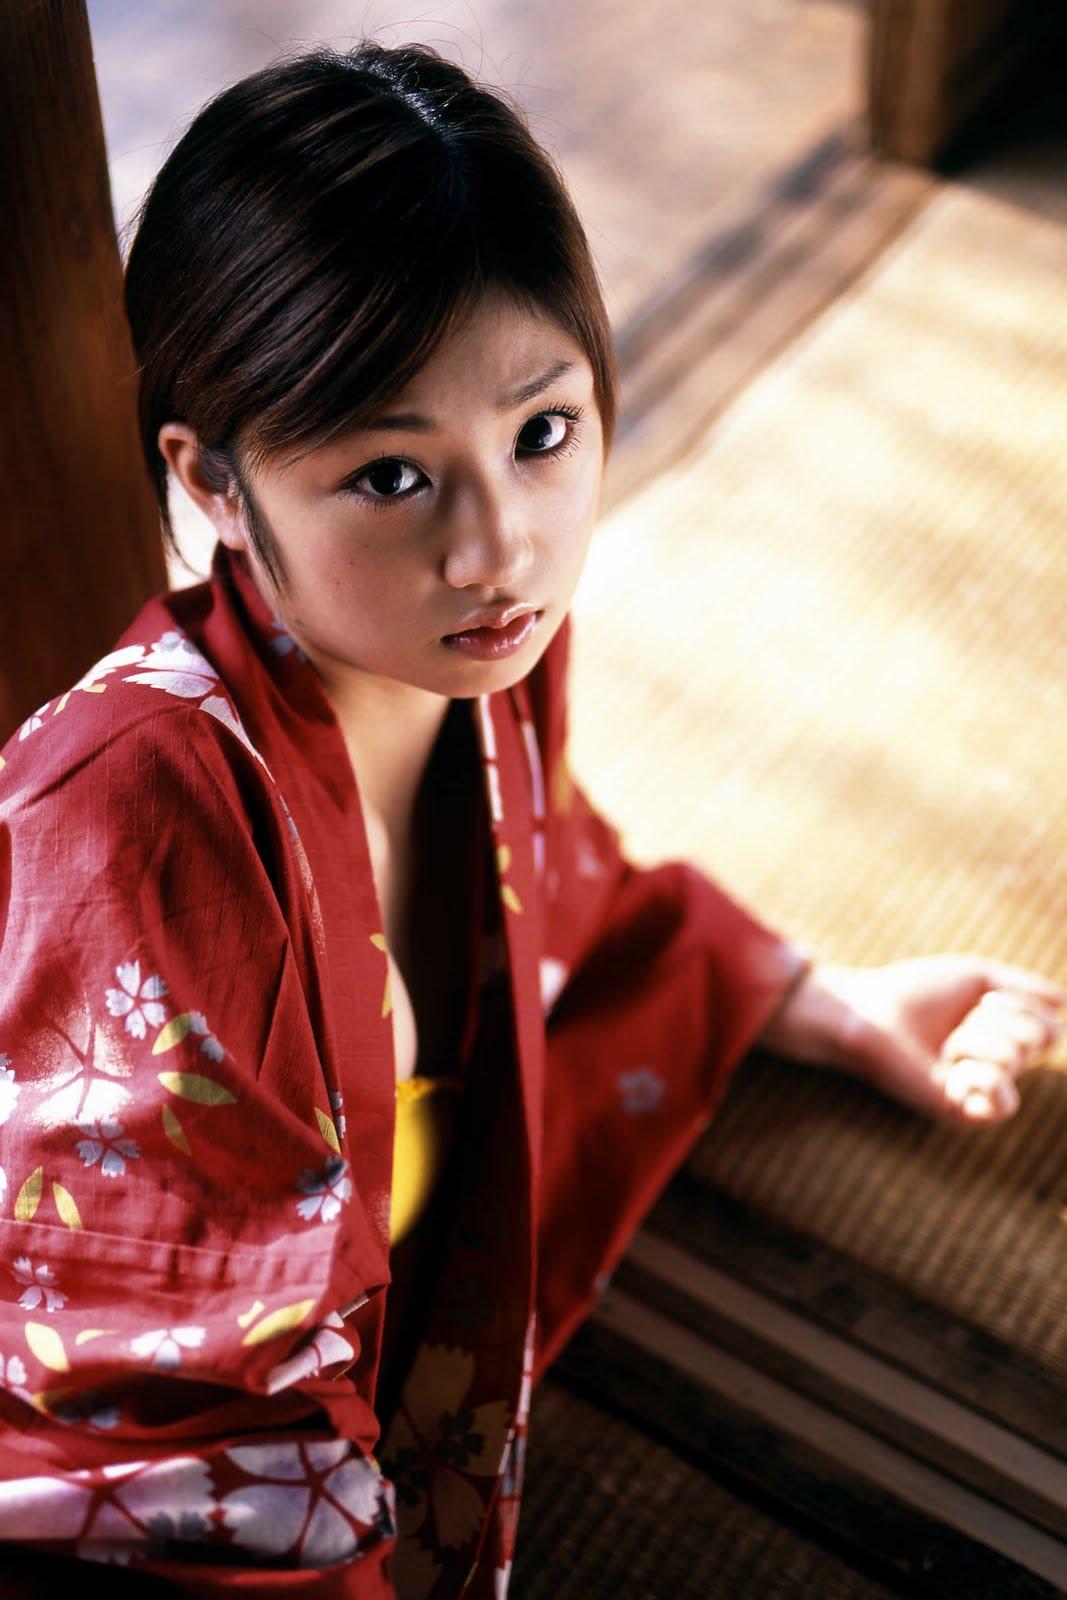 yuko ogura sexy kimono photos 05